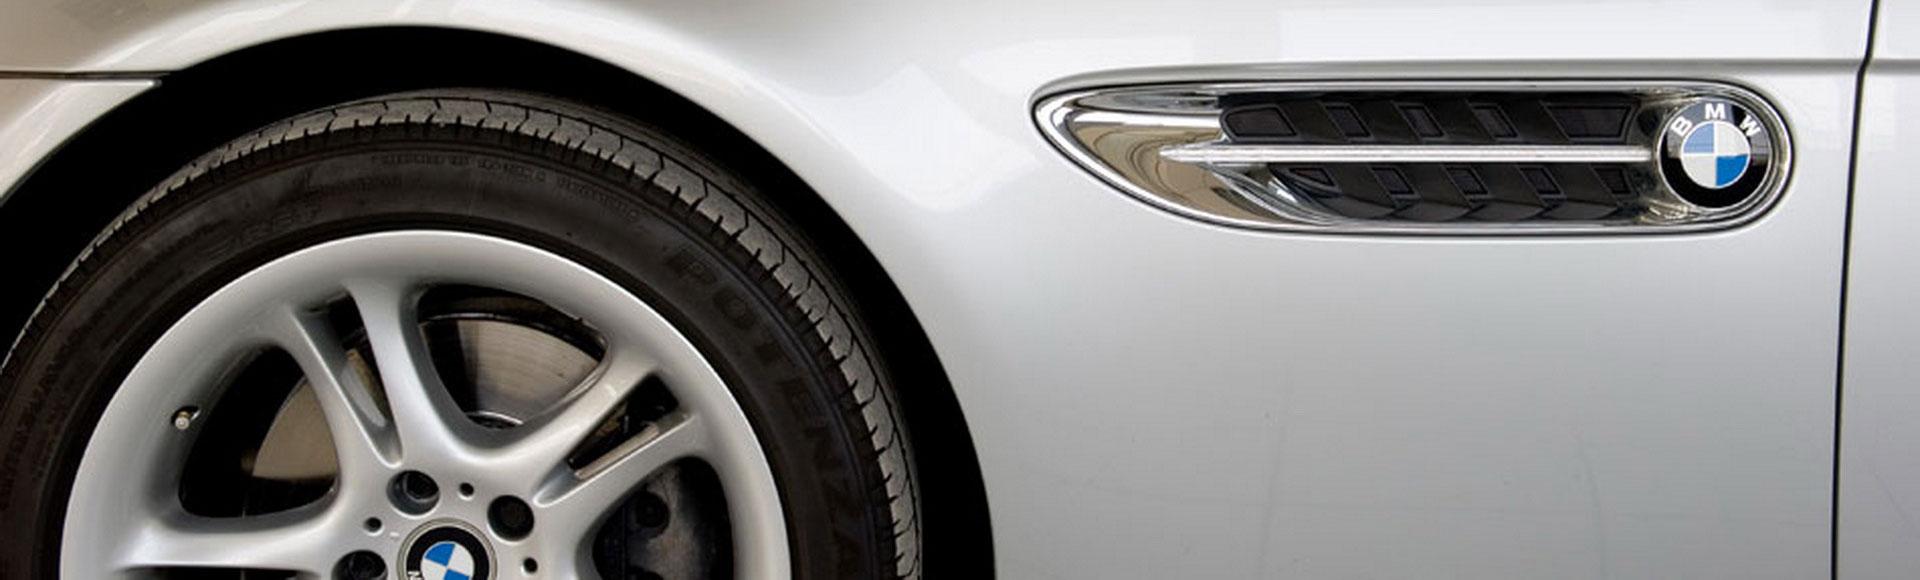 BMW Z8 detail rolf sturm 2006 114